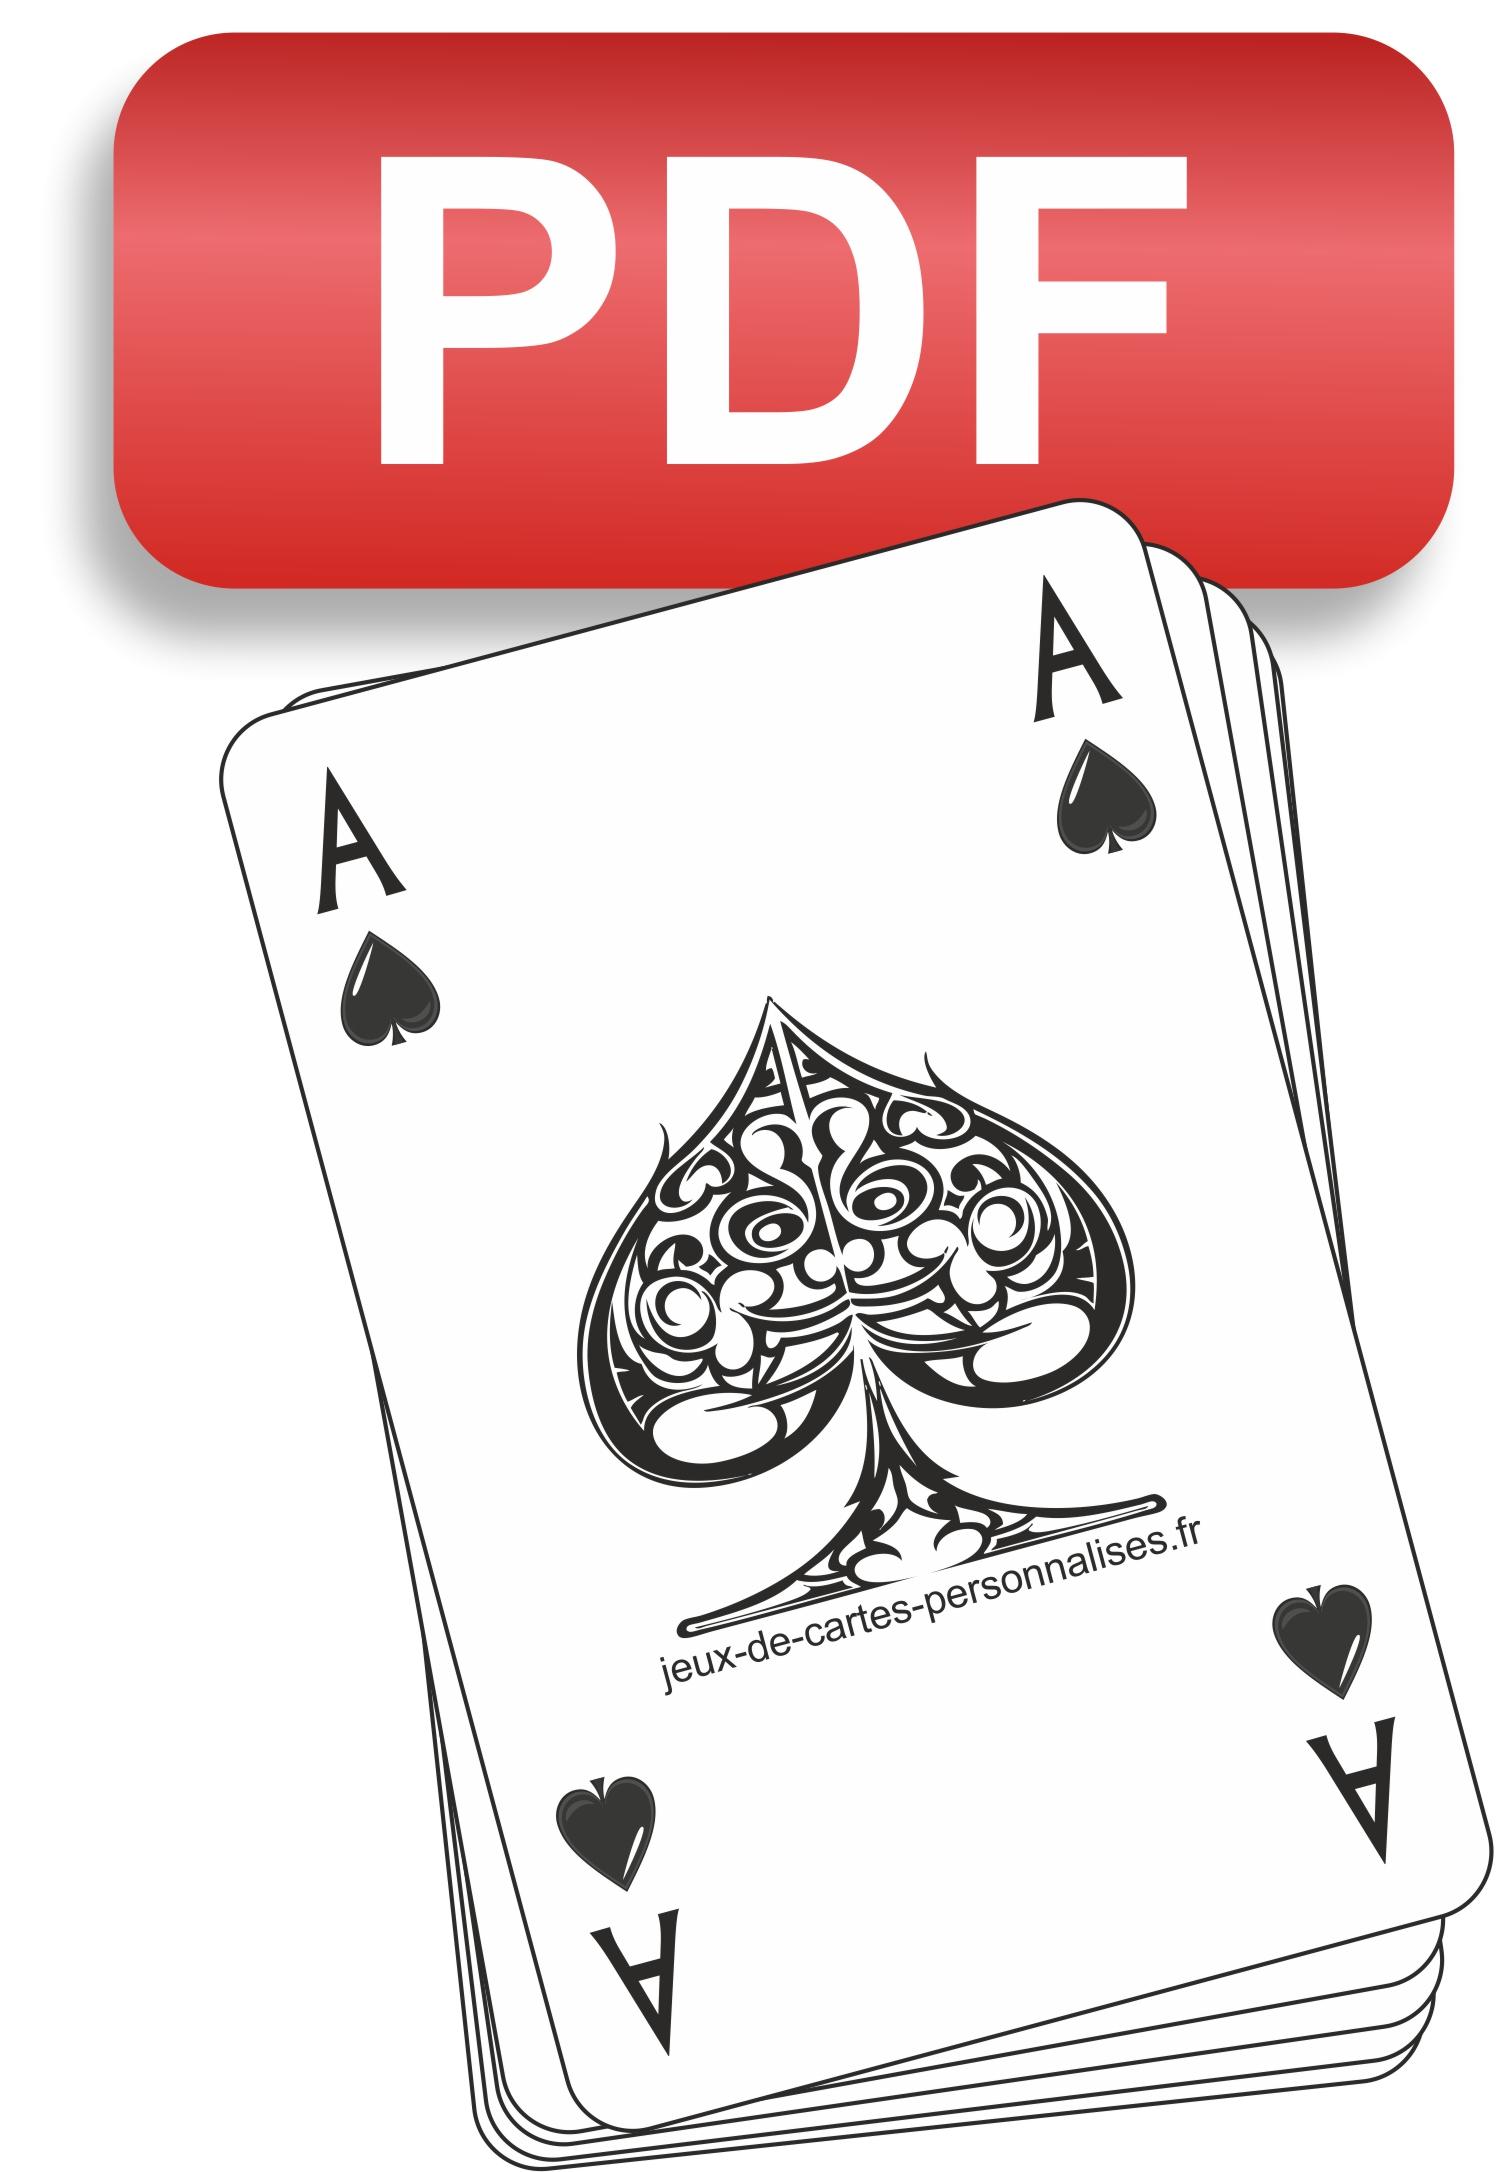 Comment Créer Et Éditer Un Jeu De Cartes ? - Jeux De Cartes encequiconcerne Jeux Facile Pour Petit Gratuit